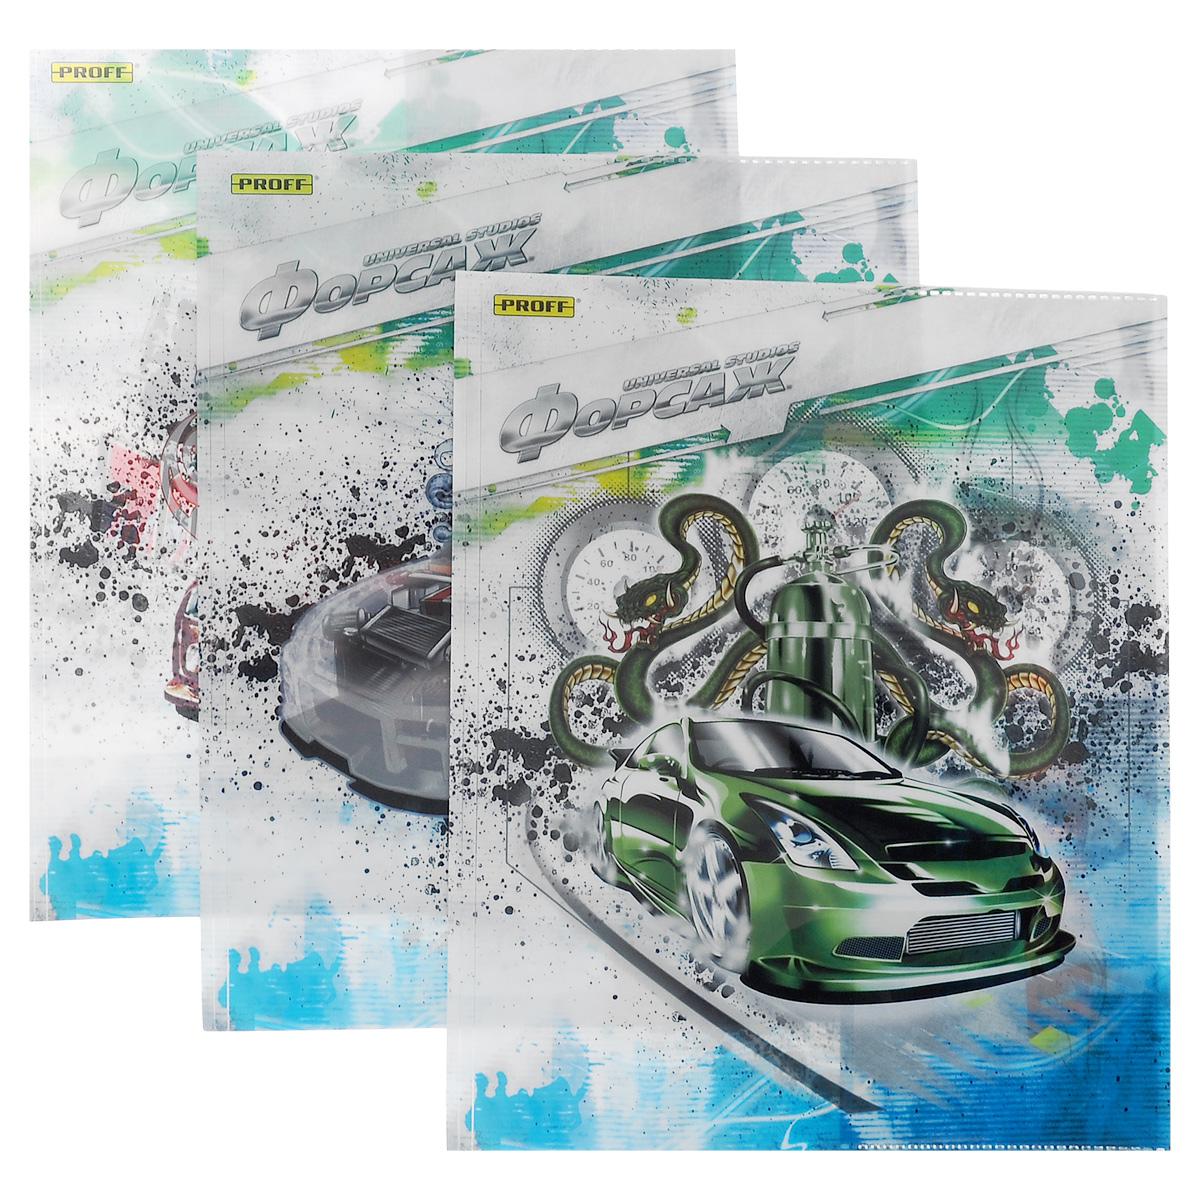 Набор обложек для тетрадей и дневников Proff Форсаж, 35,5 см х 21,6 см, 3 штBSL_ROZ_ФорсажПрочная обложка Proff Форсаж, изготовленная из ПВХ, защитит поверхность тетради или дневника от изнашивания и загрязнений. Изделие оформлено ярким изображением автомобилей.